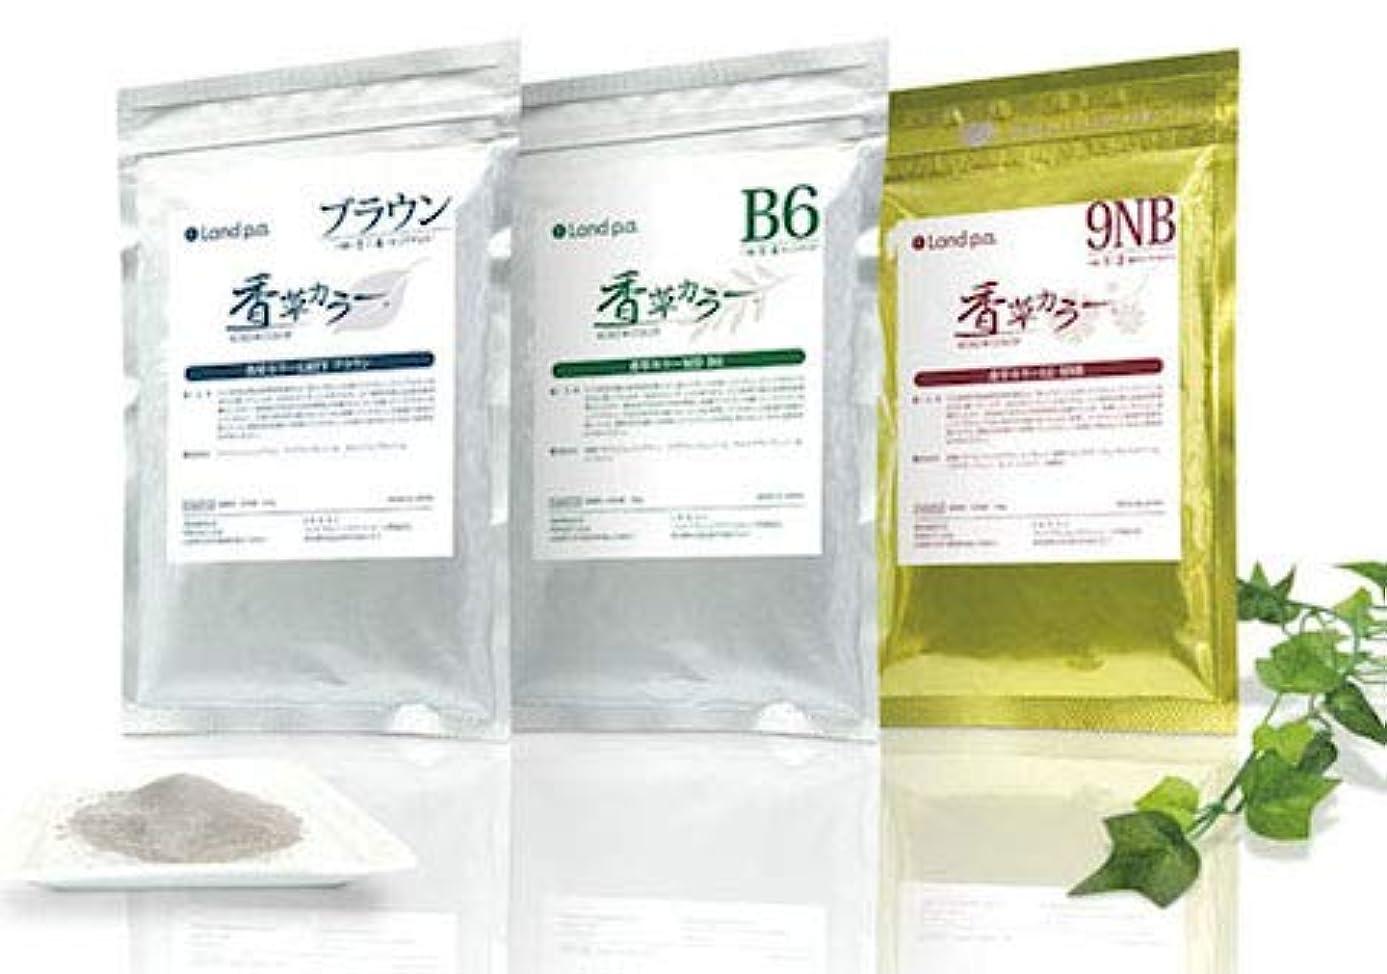 世界記録のギネスブック誇張する複製香草カラー LU 5NB